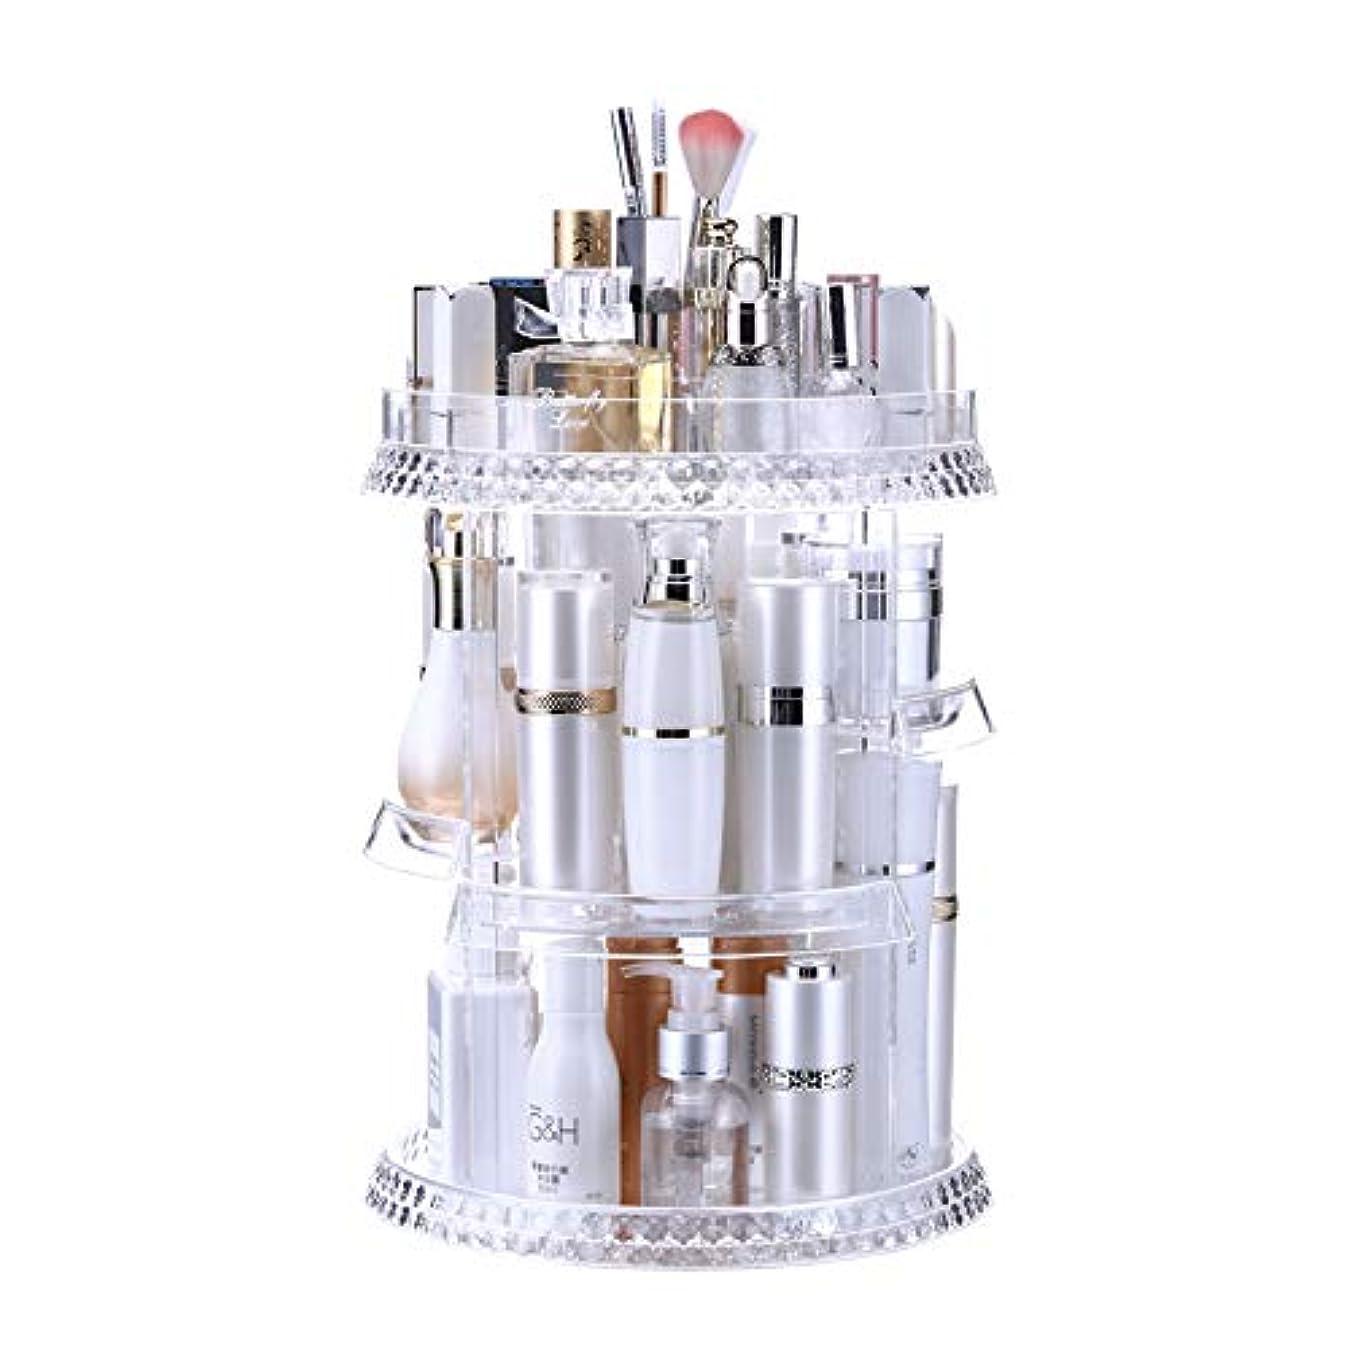 カップがんばり続ける位置するStarmory メイクボックス 360度回転式 大容量 (ダイヤモンドクリスタルスタイル) メイクケース 香水 口紅 化粧道具 収納 高さ調節可能 透明プラスチック化粧品ケース